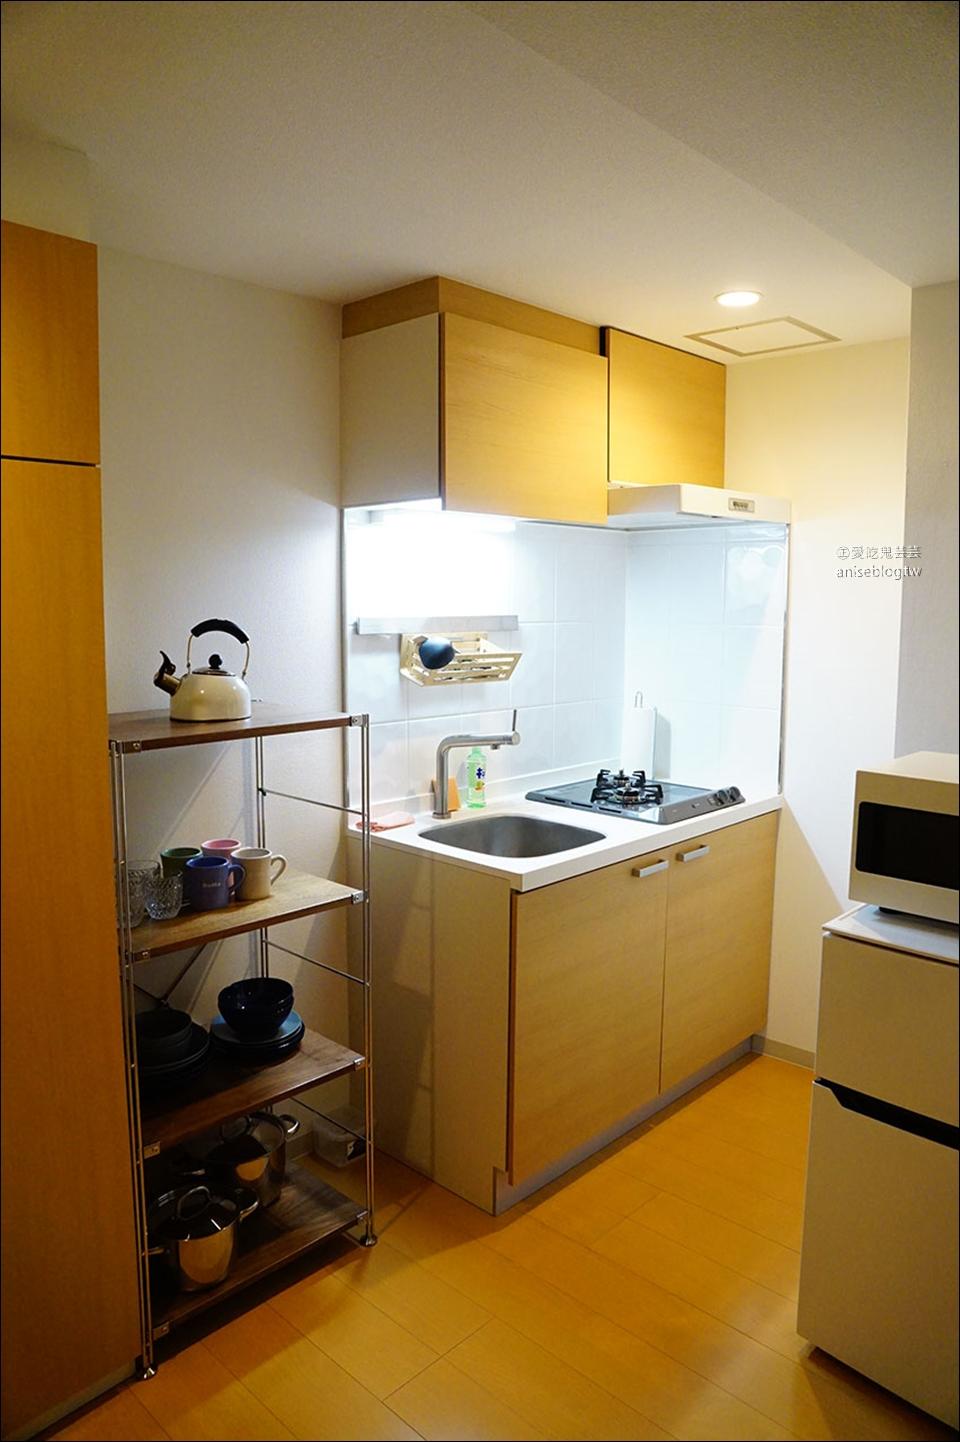 東京新宿住宿推薦 | DOMO  東新宿+百人町,設備齊全小清新 (有廚房洗衣機喔!)